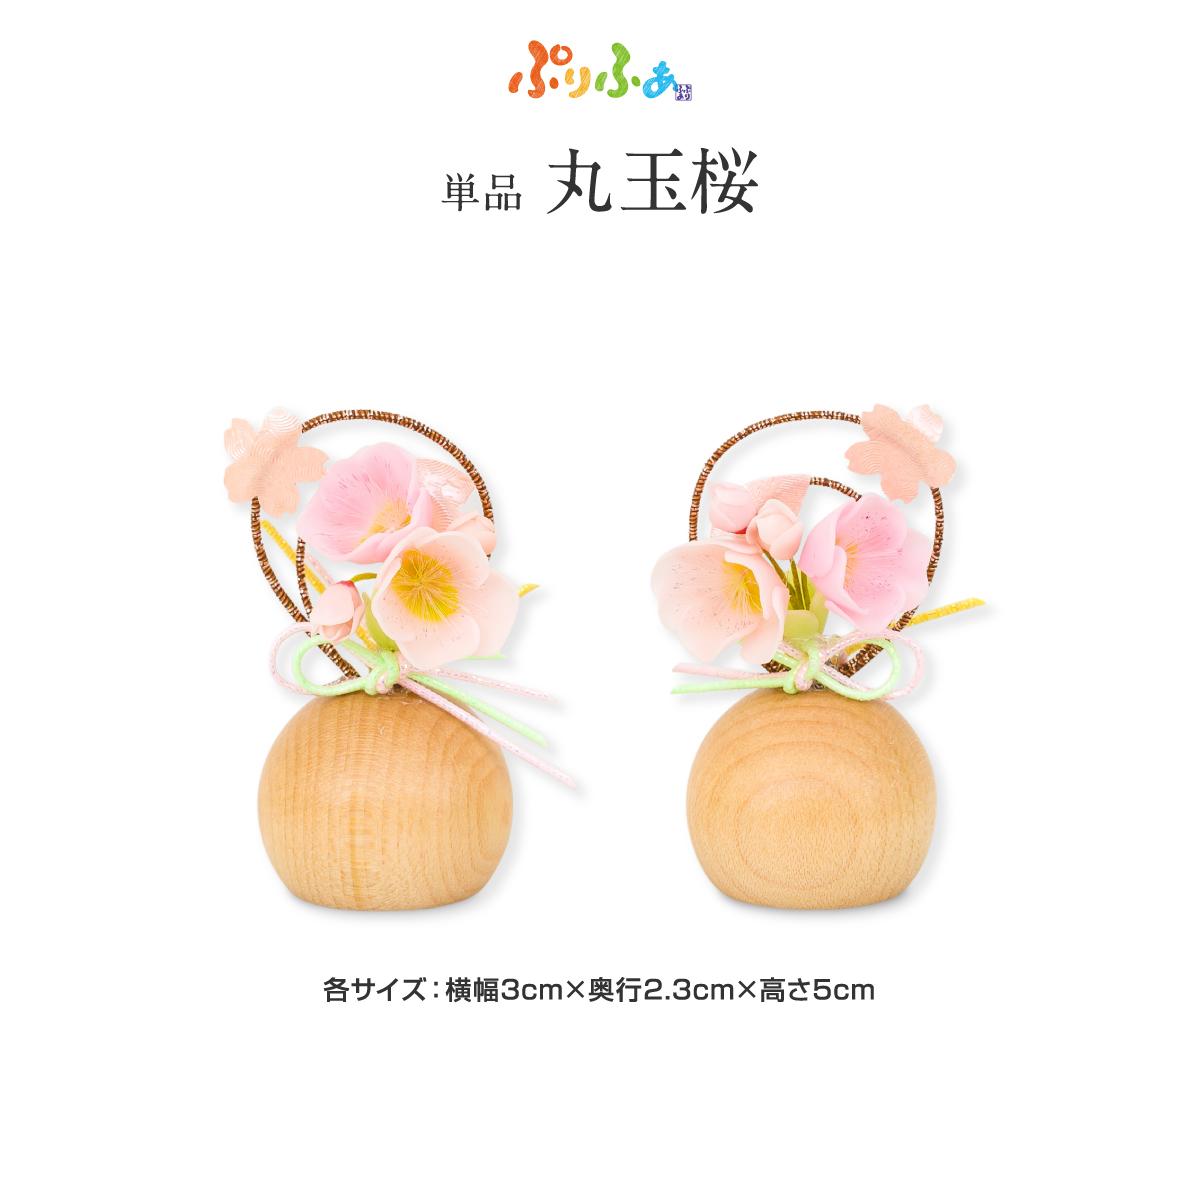 ぷりふあシリーズ 桜橘(さくらたちばな) 丸玉桜 道具のみ単品販売 特選